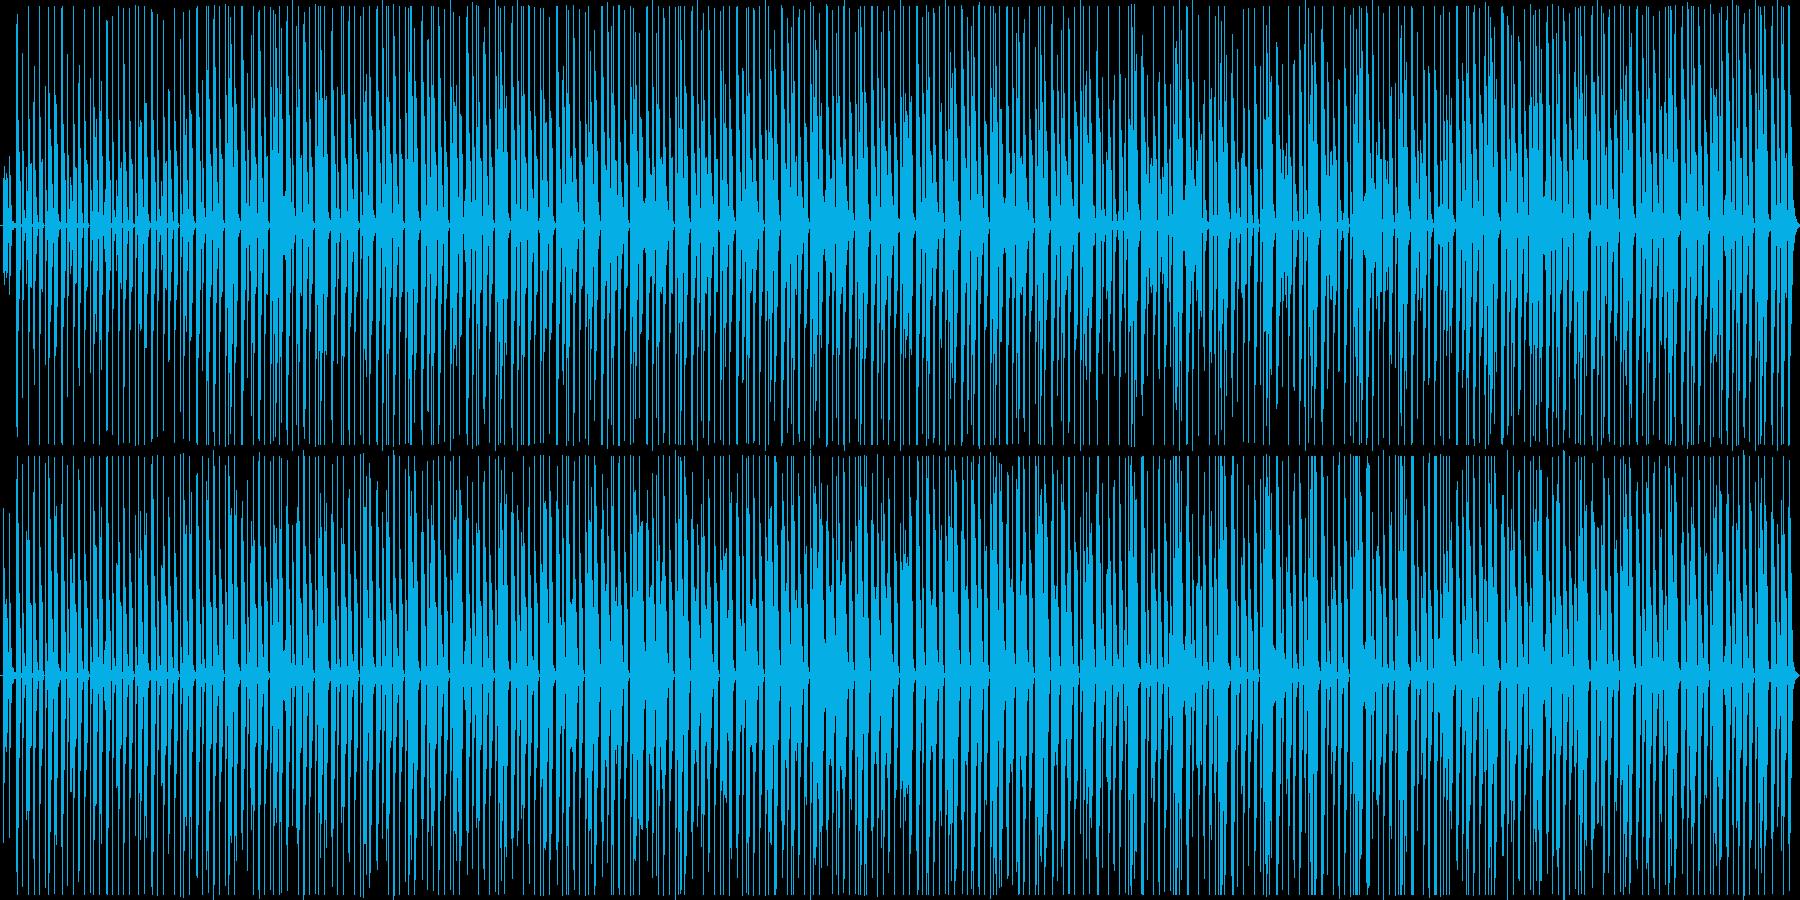 楽しい生音エレクトロニカ風[ループ仕様]の再生済みの波形